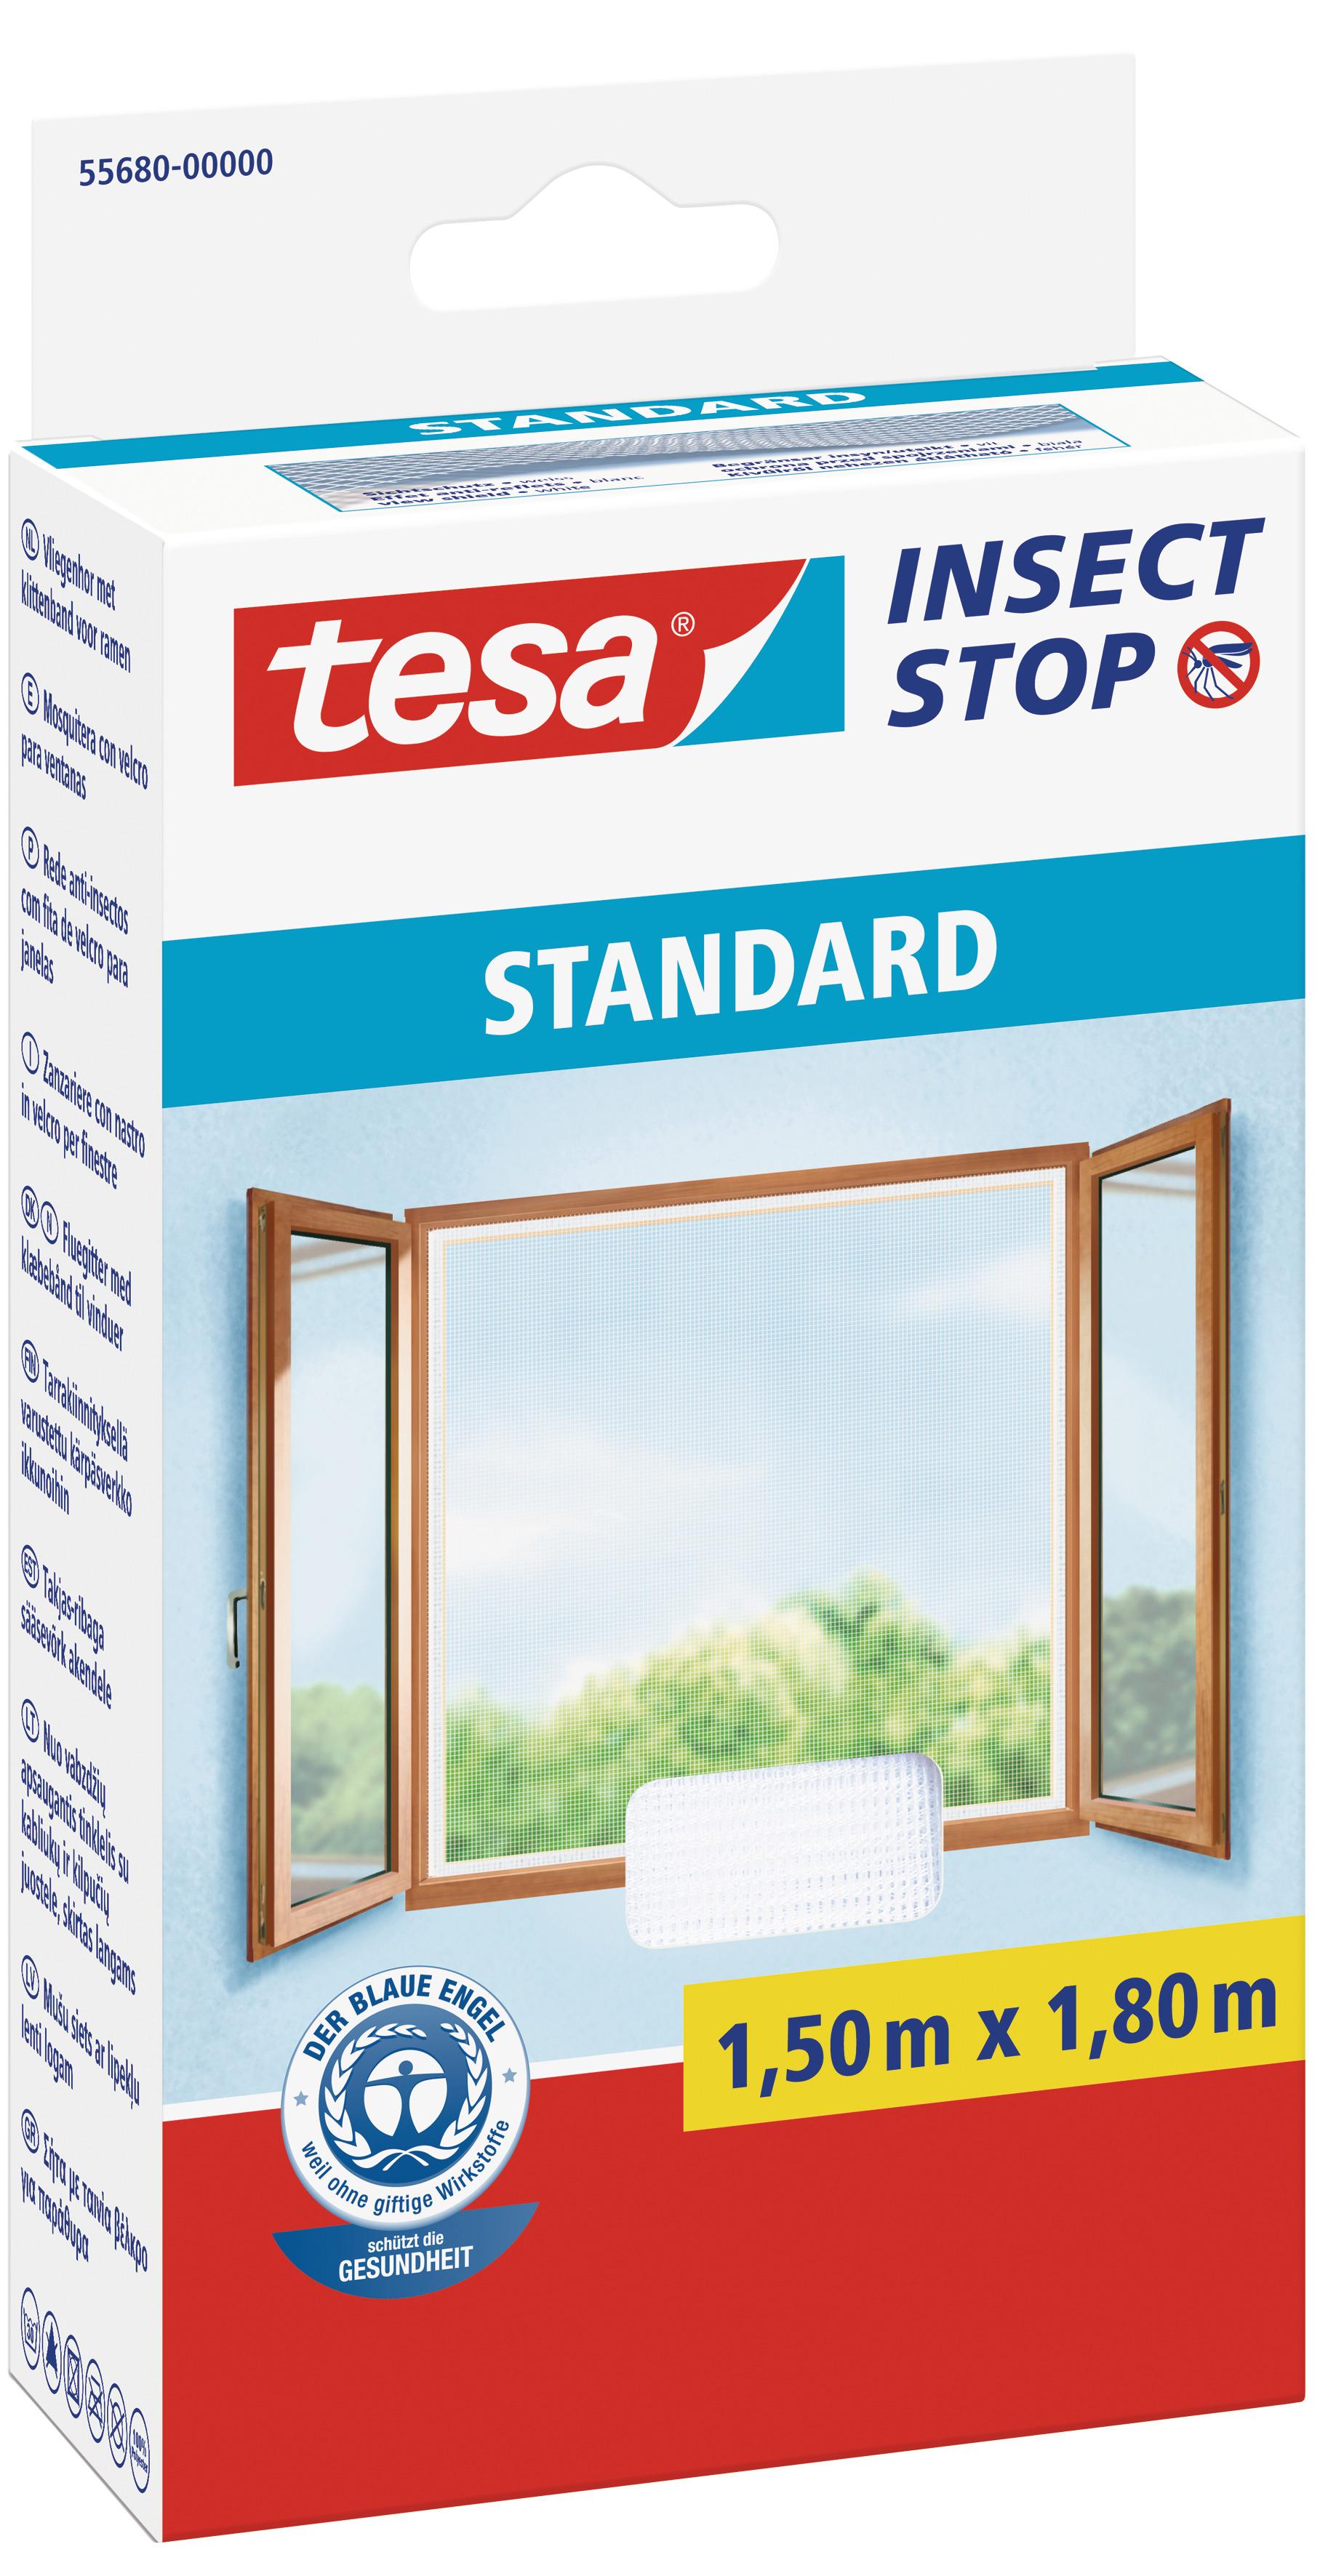 tesa Fliegengitter Standard Klettband für Fenster 1,50 m : 1,80 m, weiß